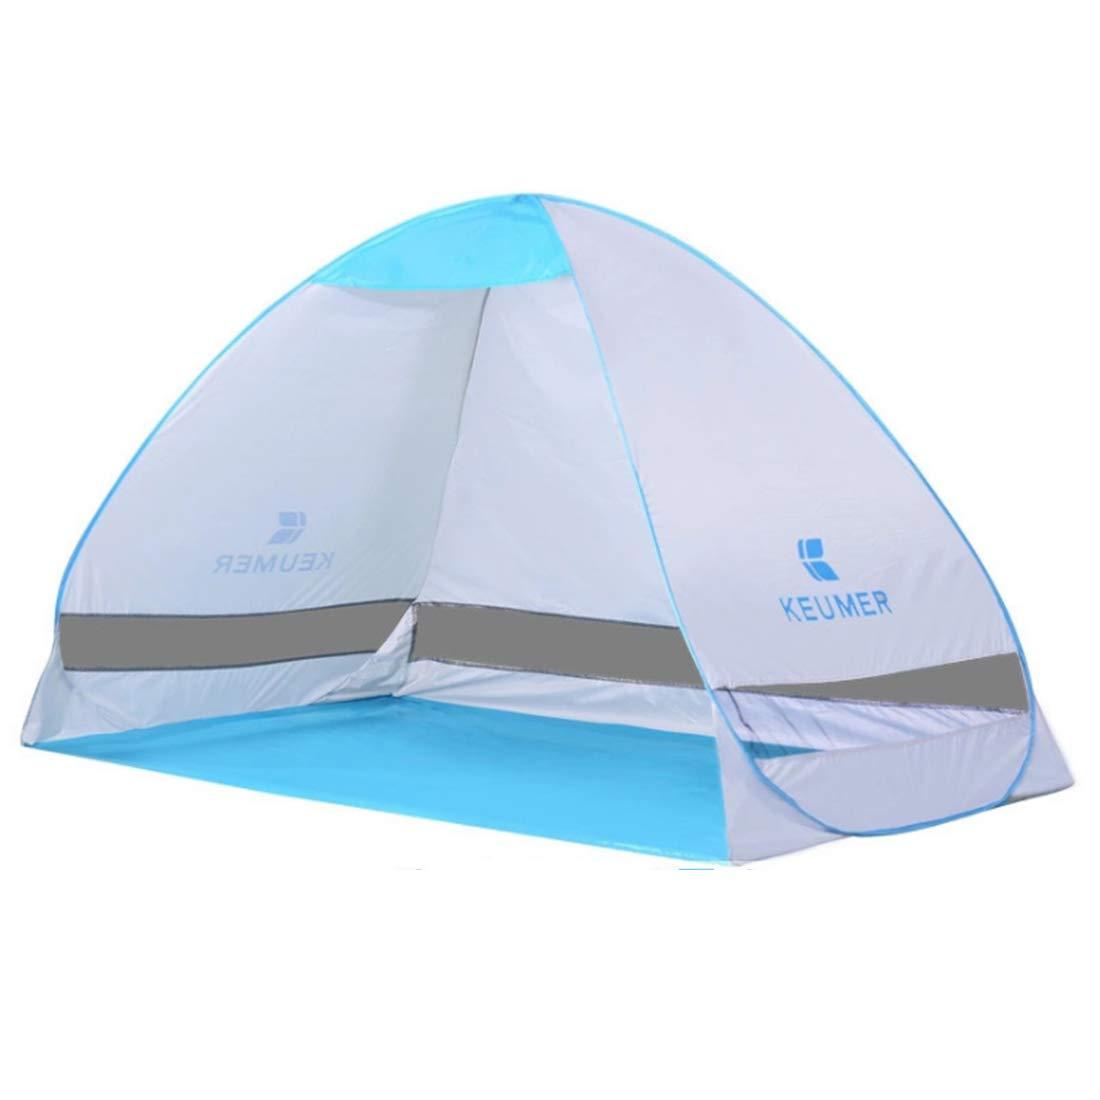 Fepelasi Im Freien kampierendes tragbares Zelt für das Zelt mit 2 Personen (Farbe : Weiß)